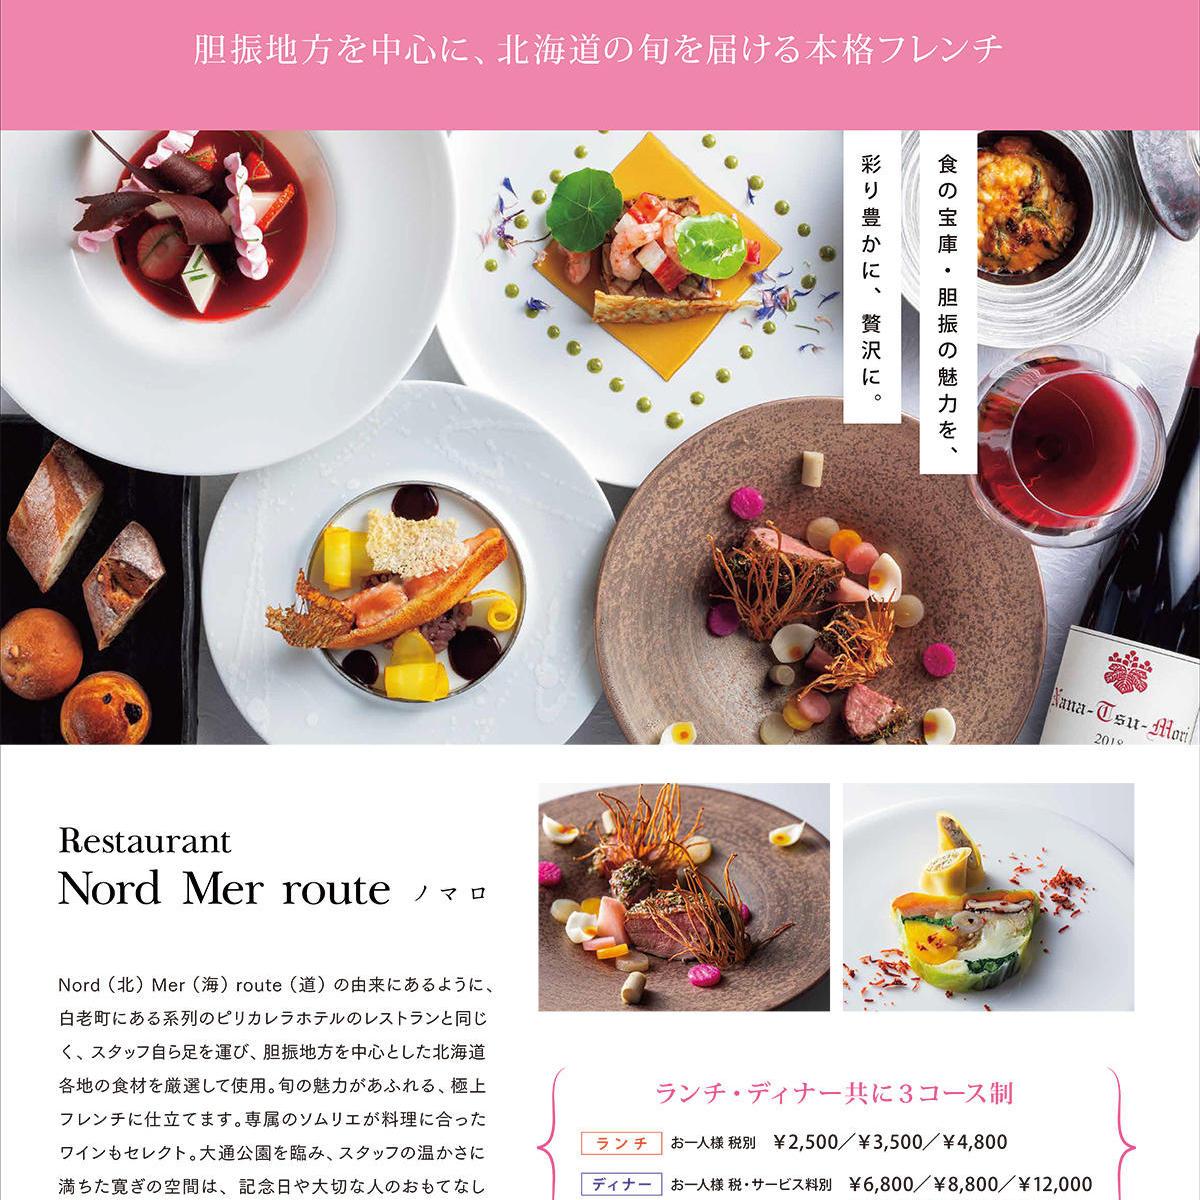 12月5日OPEN「Restaurant Nord Mer route(レストランノマロ)」のご案内